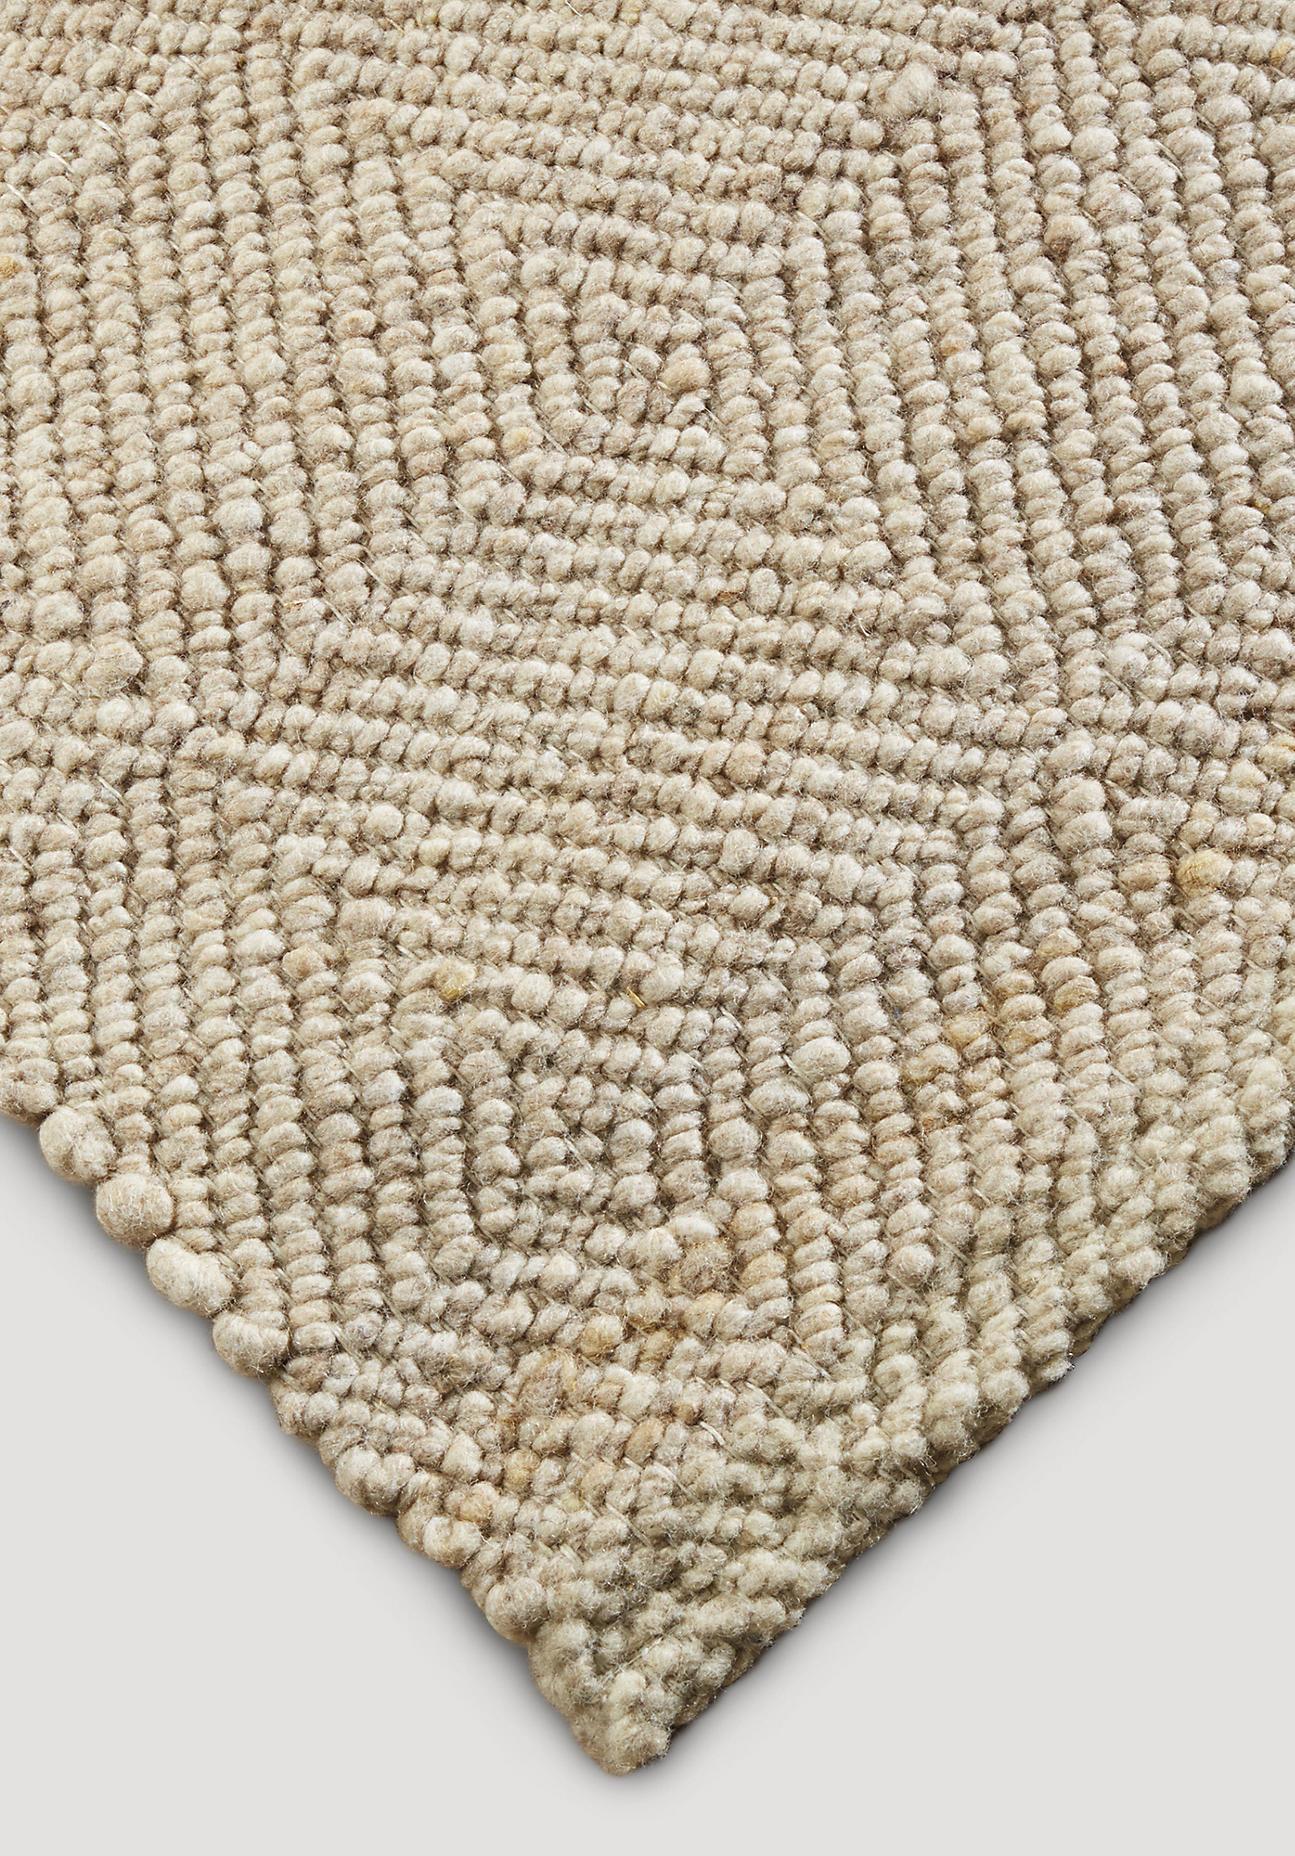 hessnatur Teppich Ruga aus Schurwolle – beige – Größe 70x140 cm